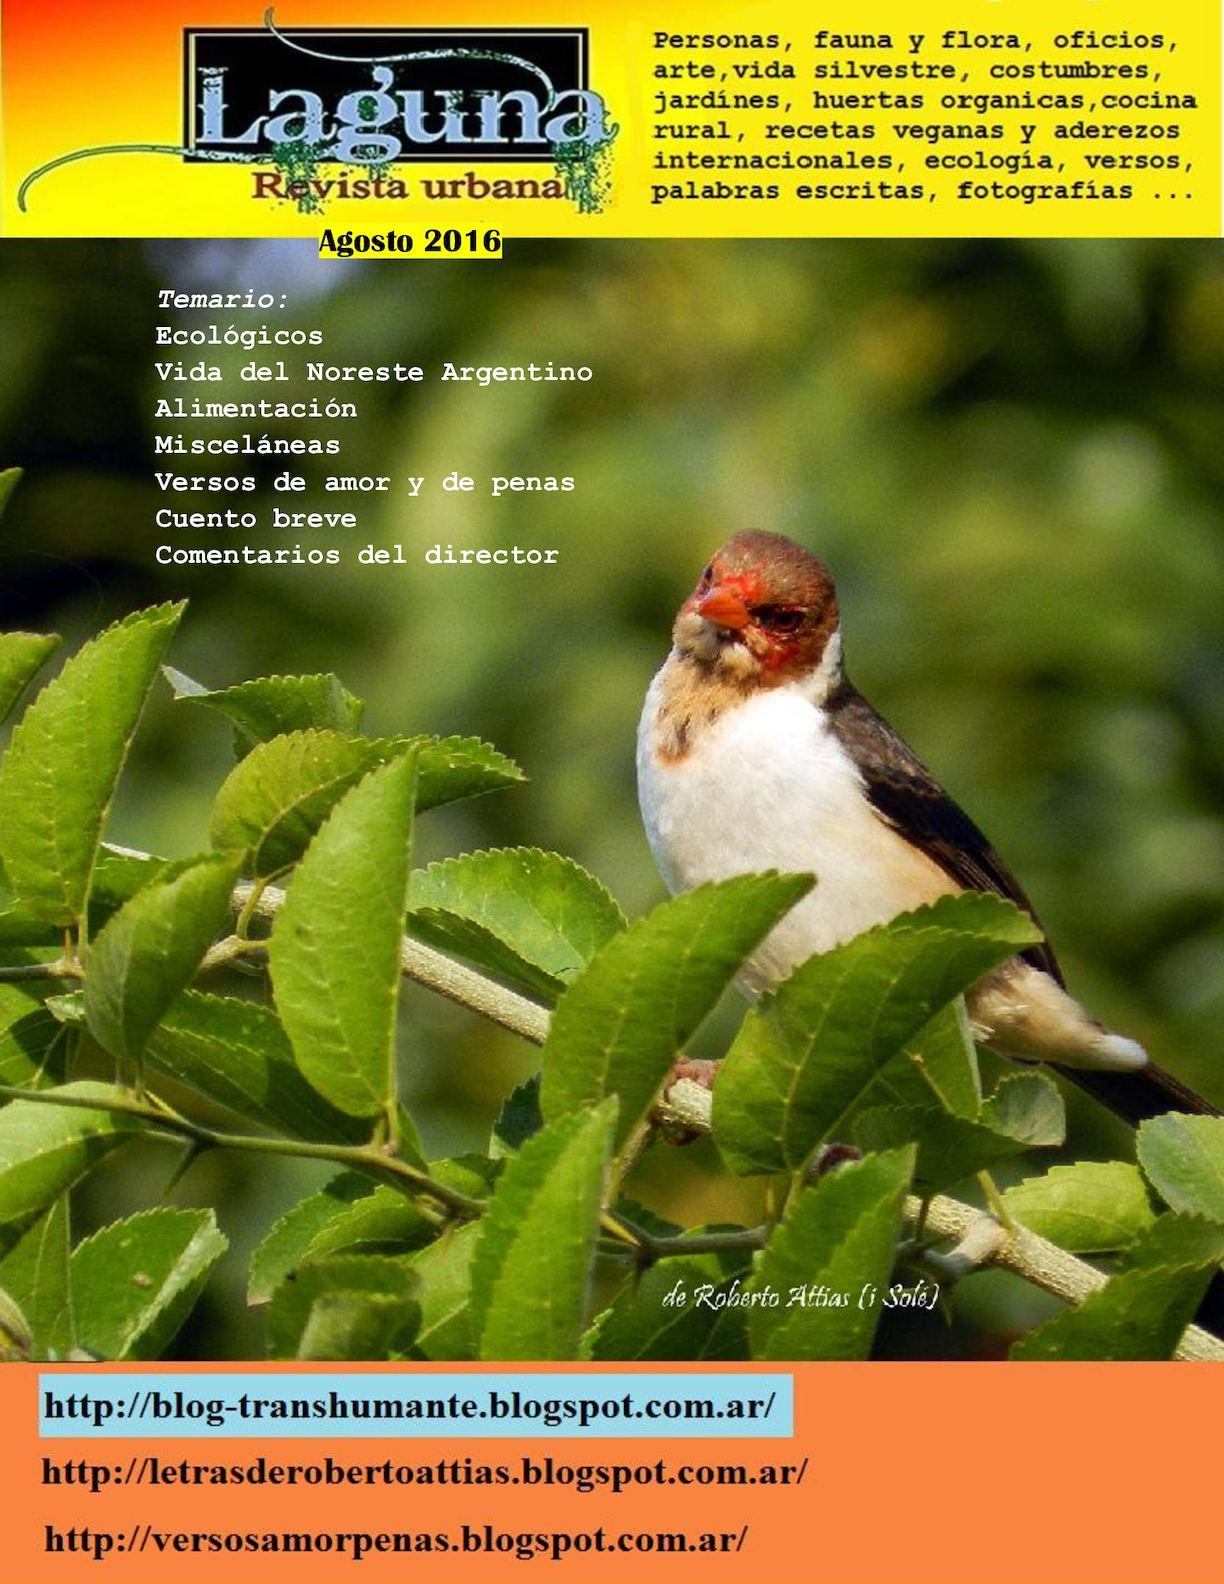 Calaméo - Laguna, Revista Urbana Agosto 2016